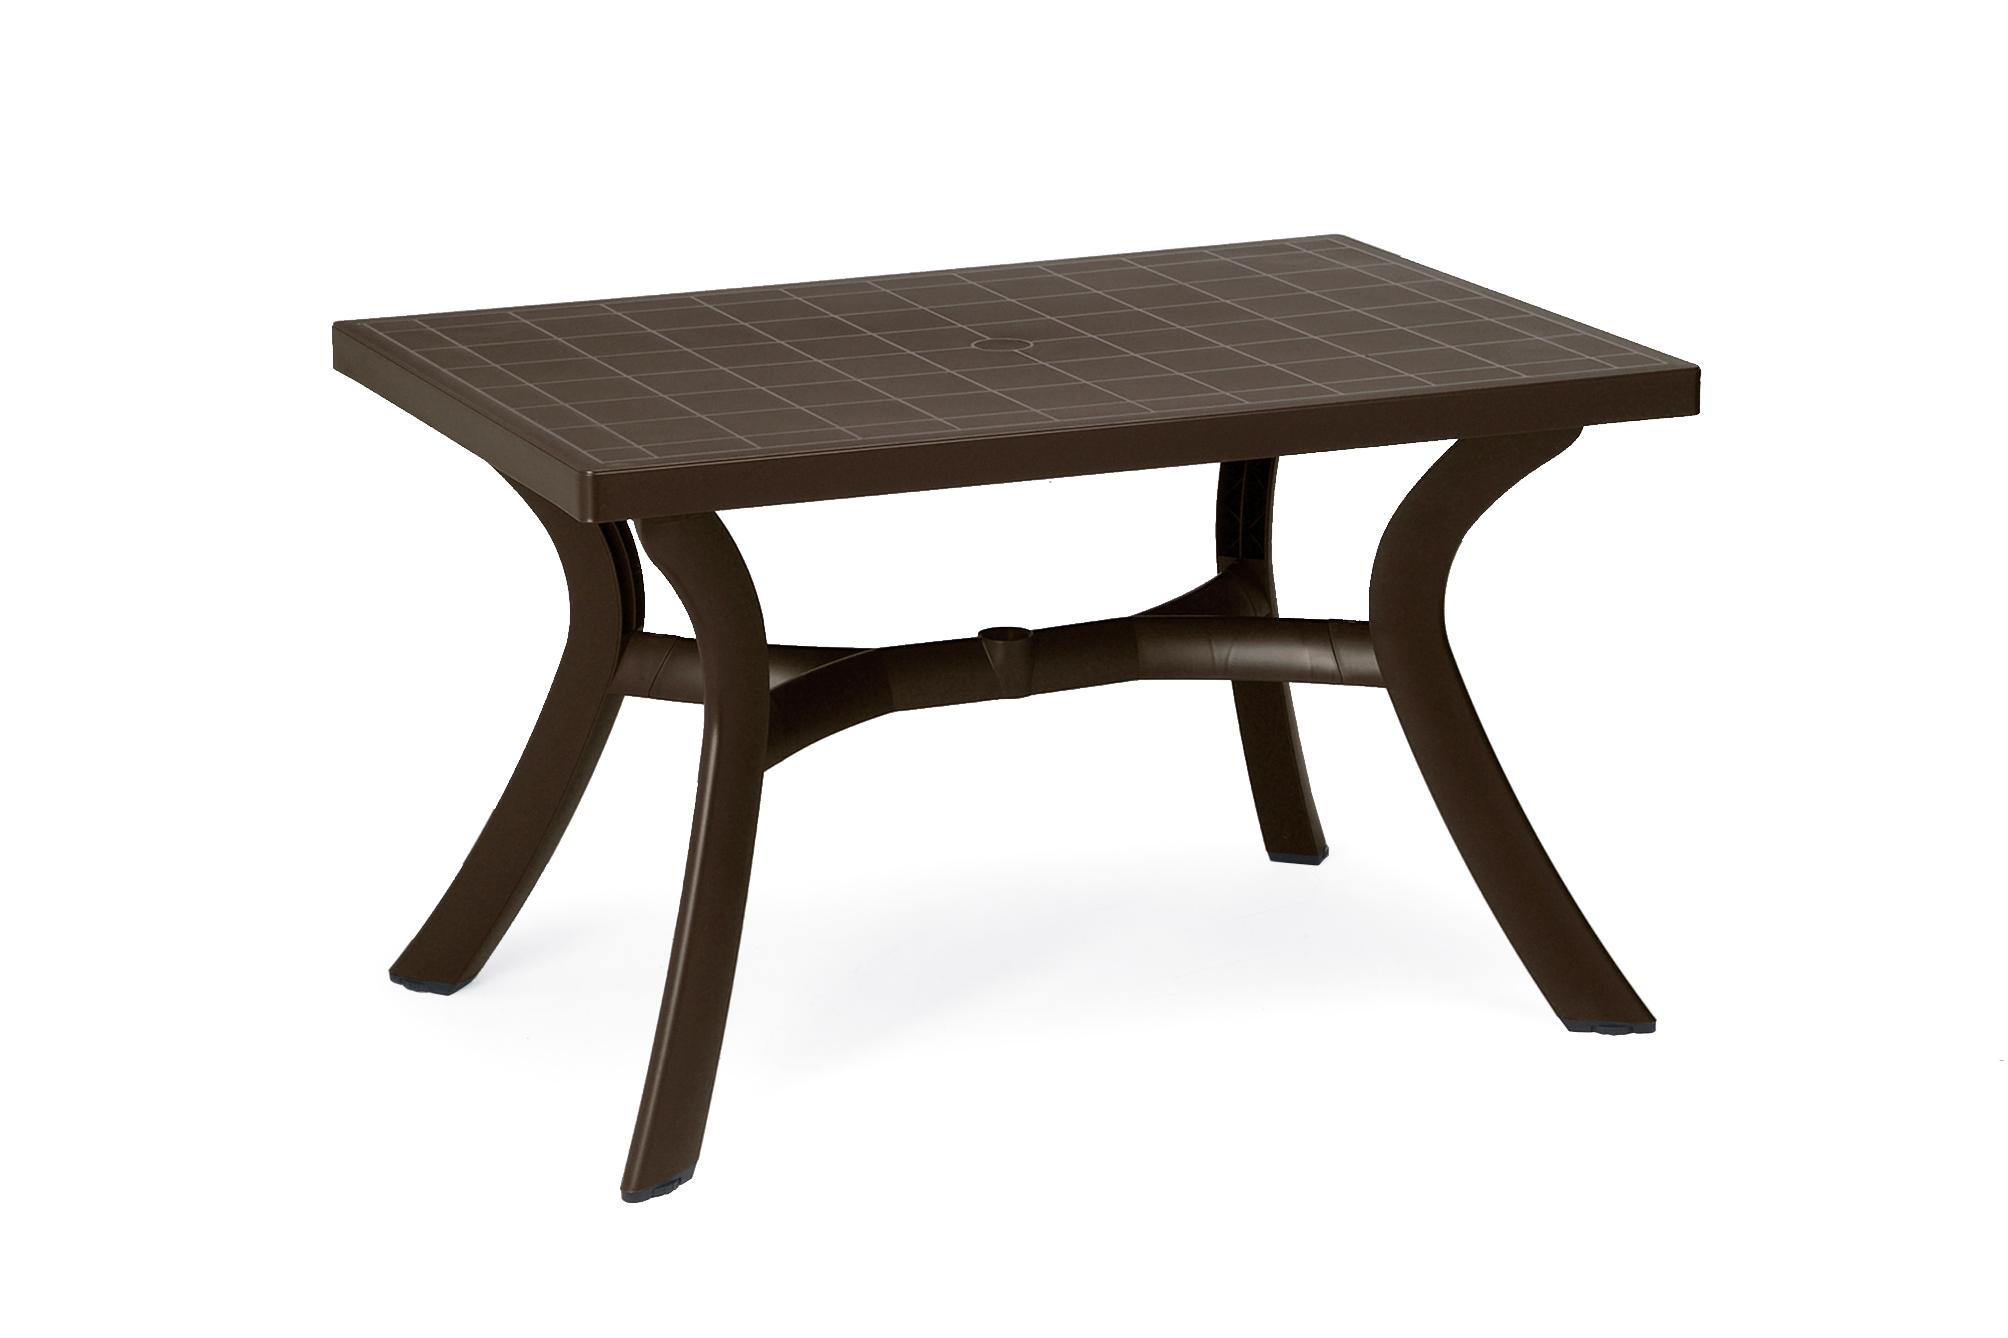 Stół ogrodowy Toscana Nardi brązowy